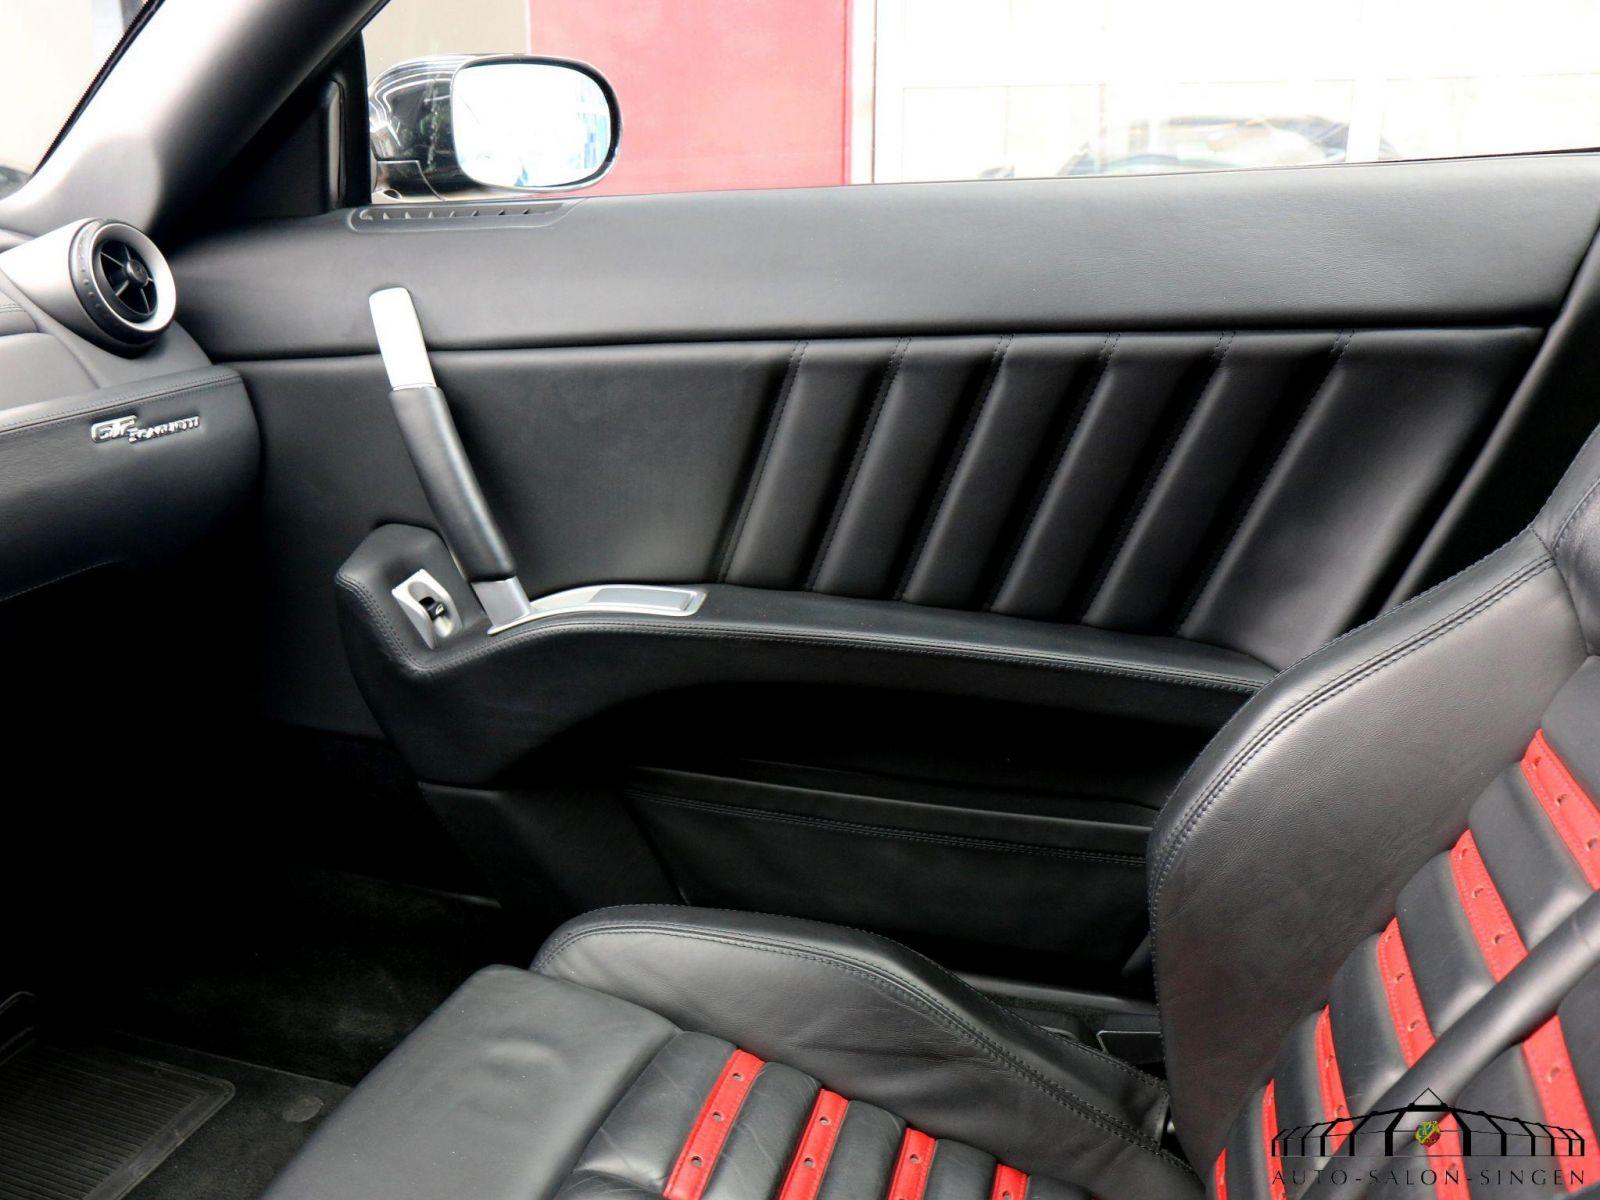 ferrari 612 scaglietti coup auto salon singen. Black Bedroom Furniture Sets. Home Design Ideas